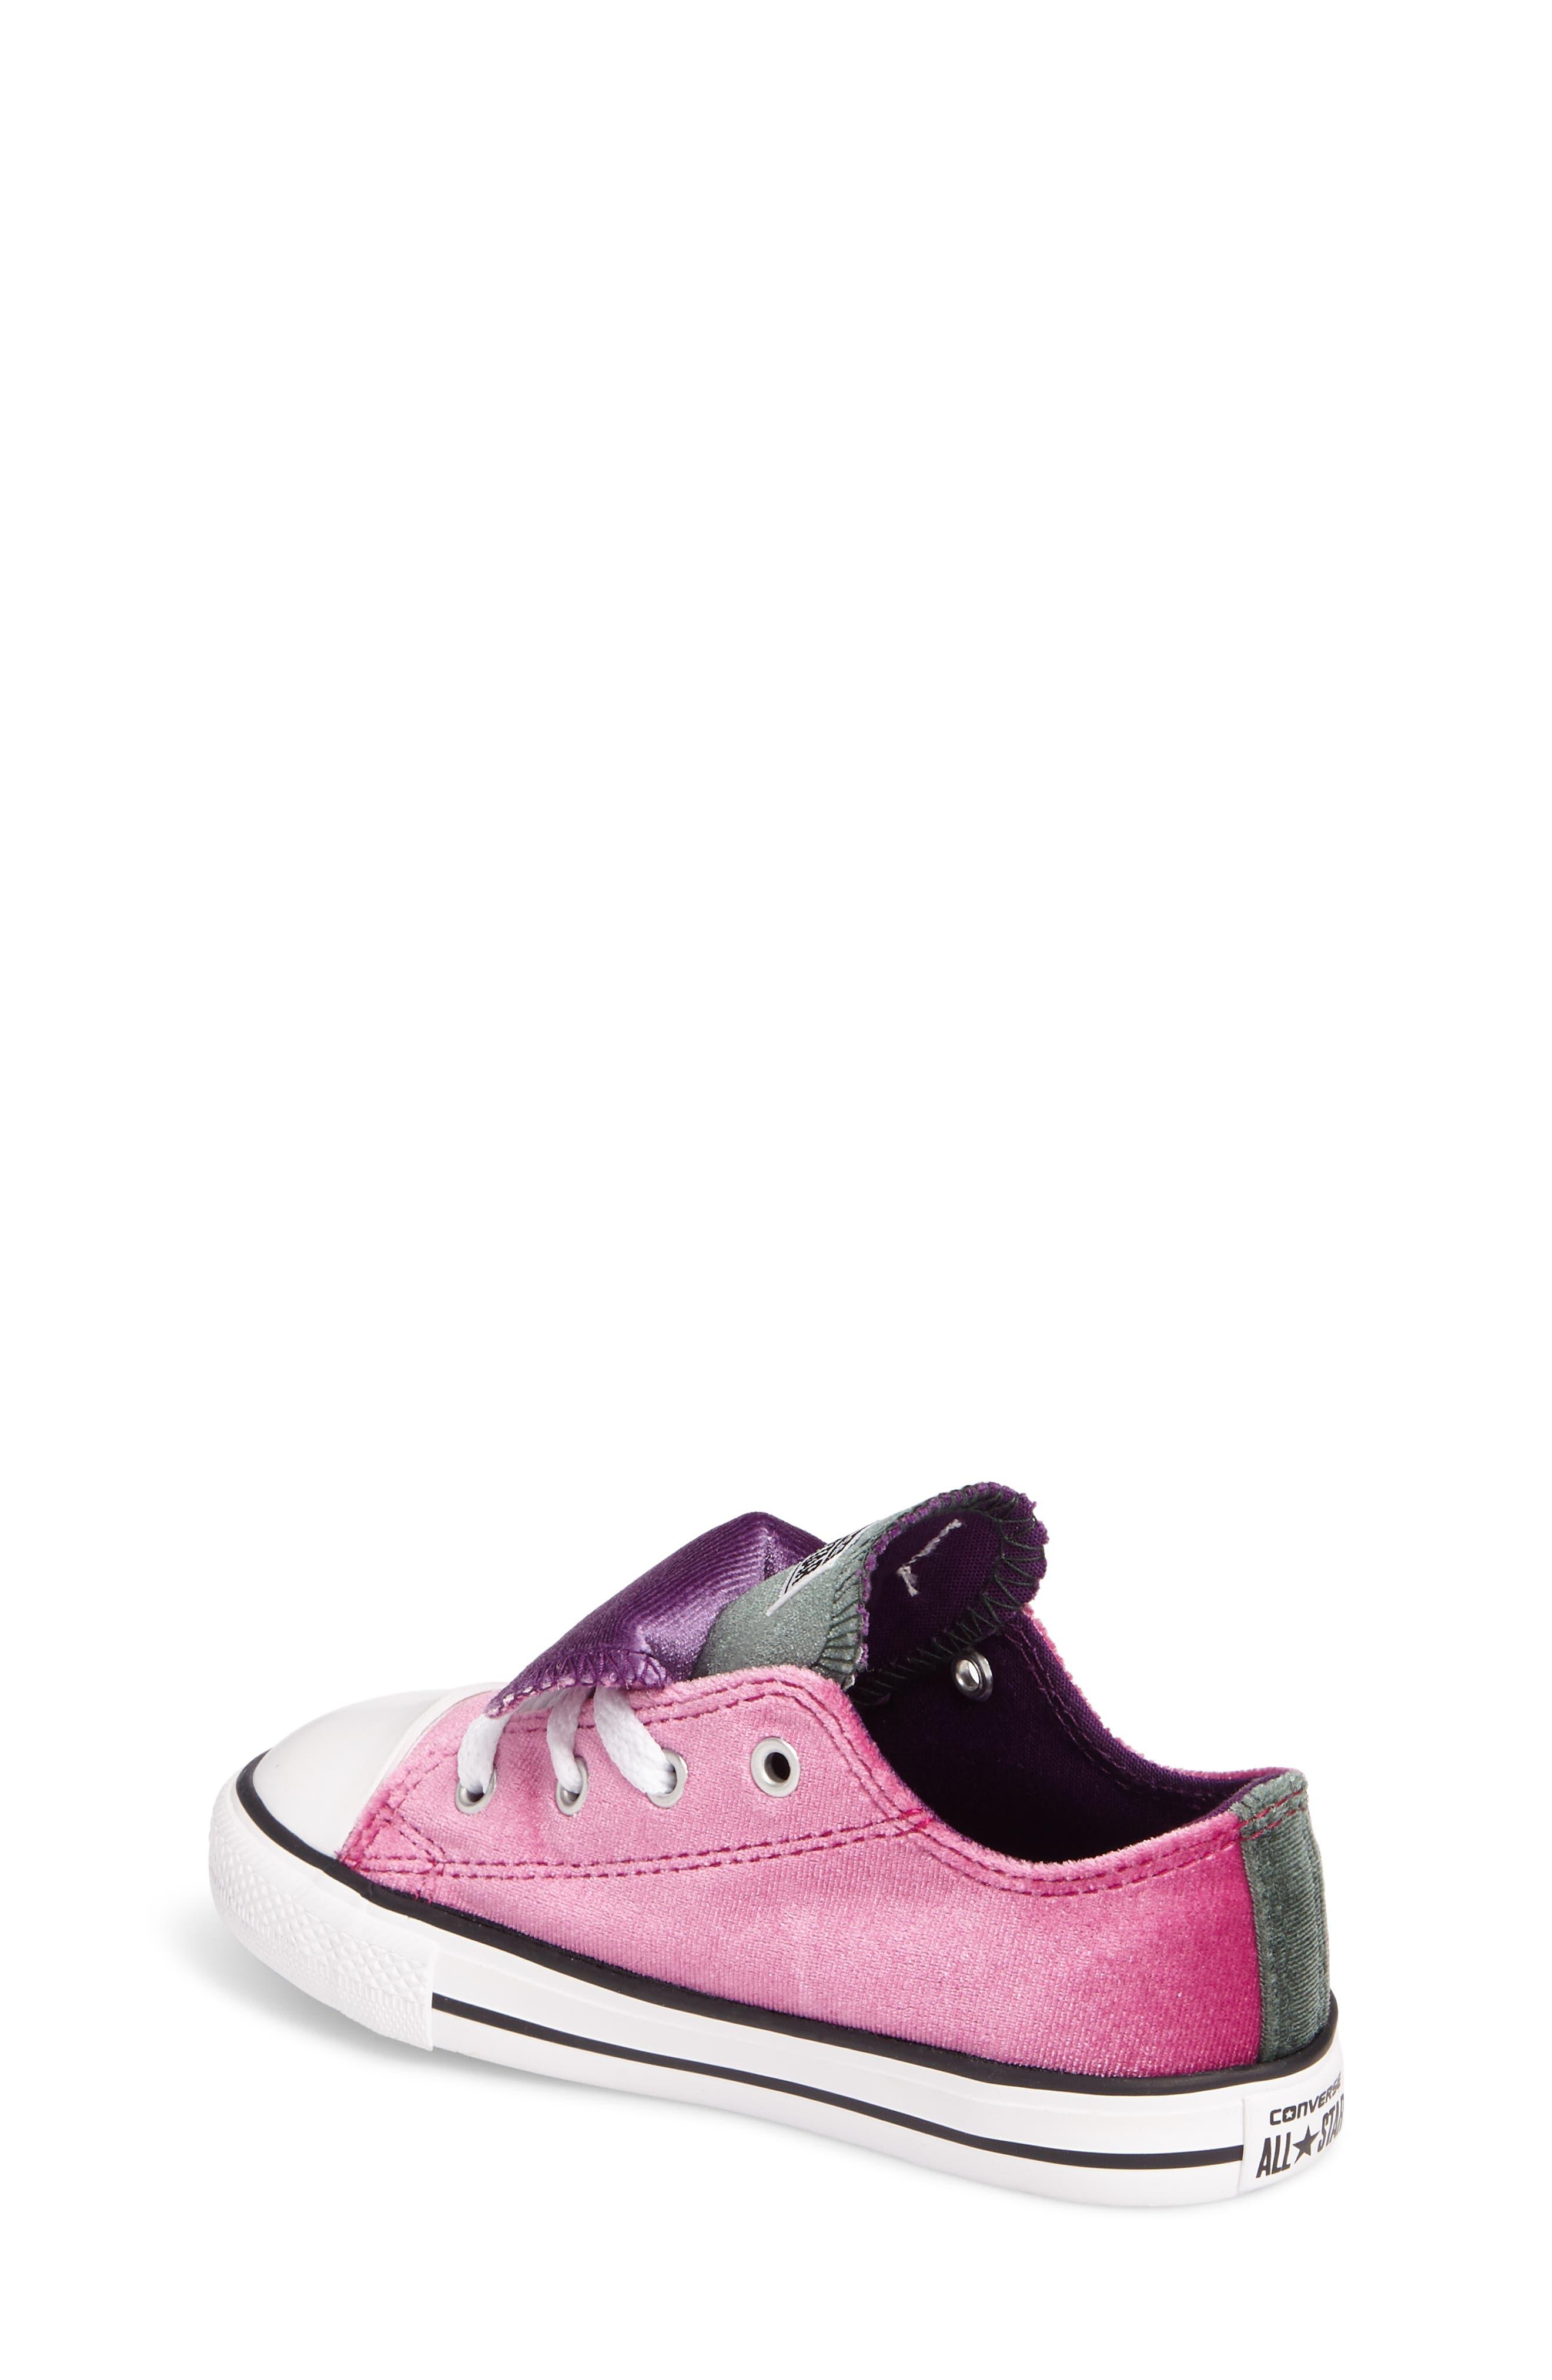 All Star<sup>®</sup> Velvet Double Tongue Sneaker,                             Alternate thumbnail 2, color,                             Pink Sapphire Velvet